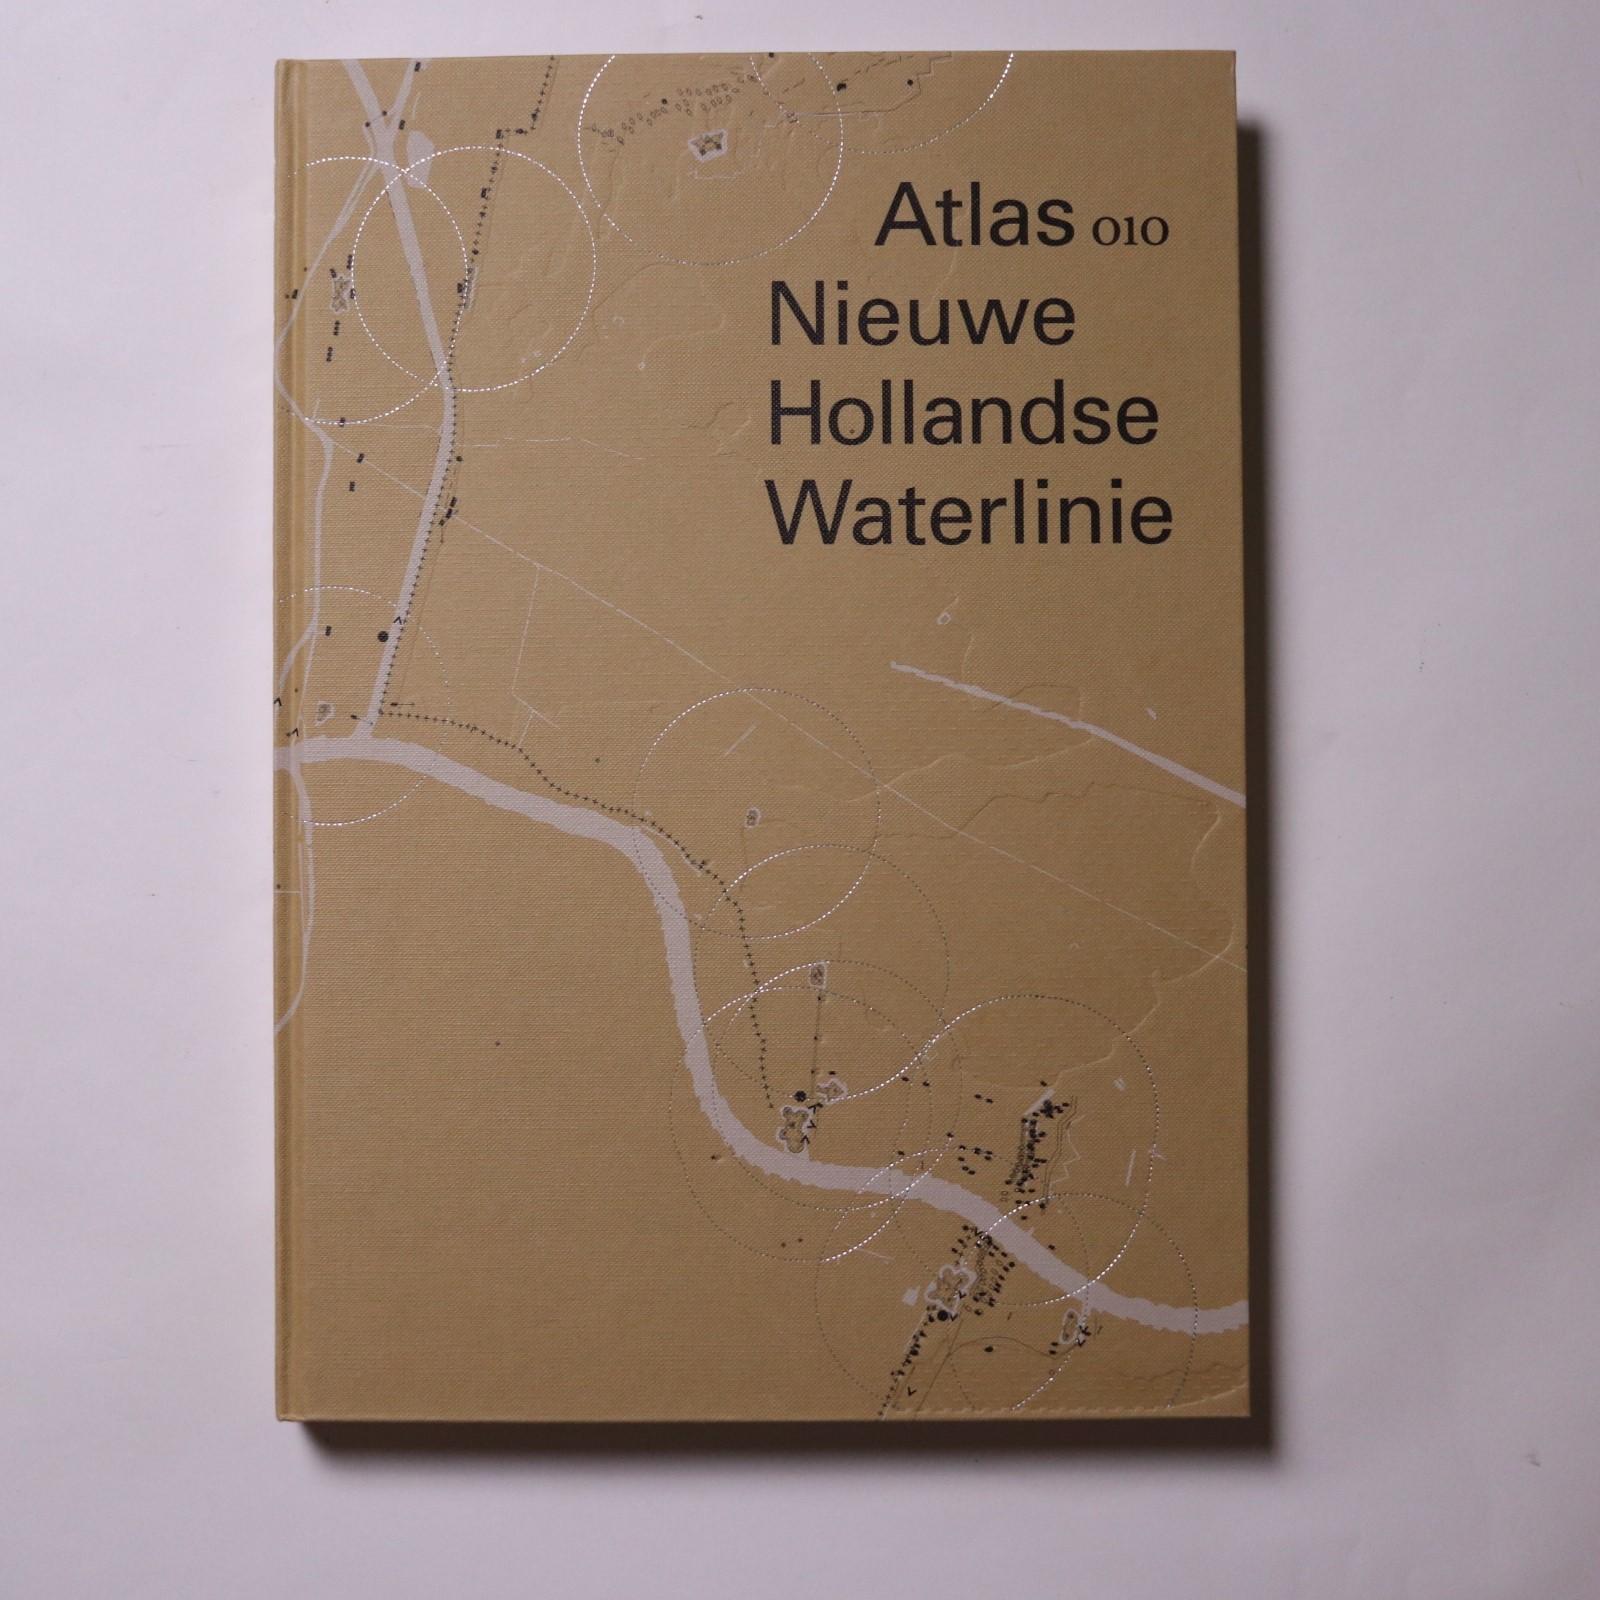 Atlas Nieuwe Hollandse Waterlinie / Rita Brons, Bernard Colenbrander, Joost Grootens